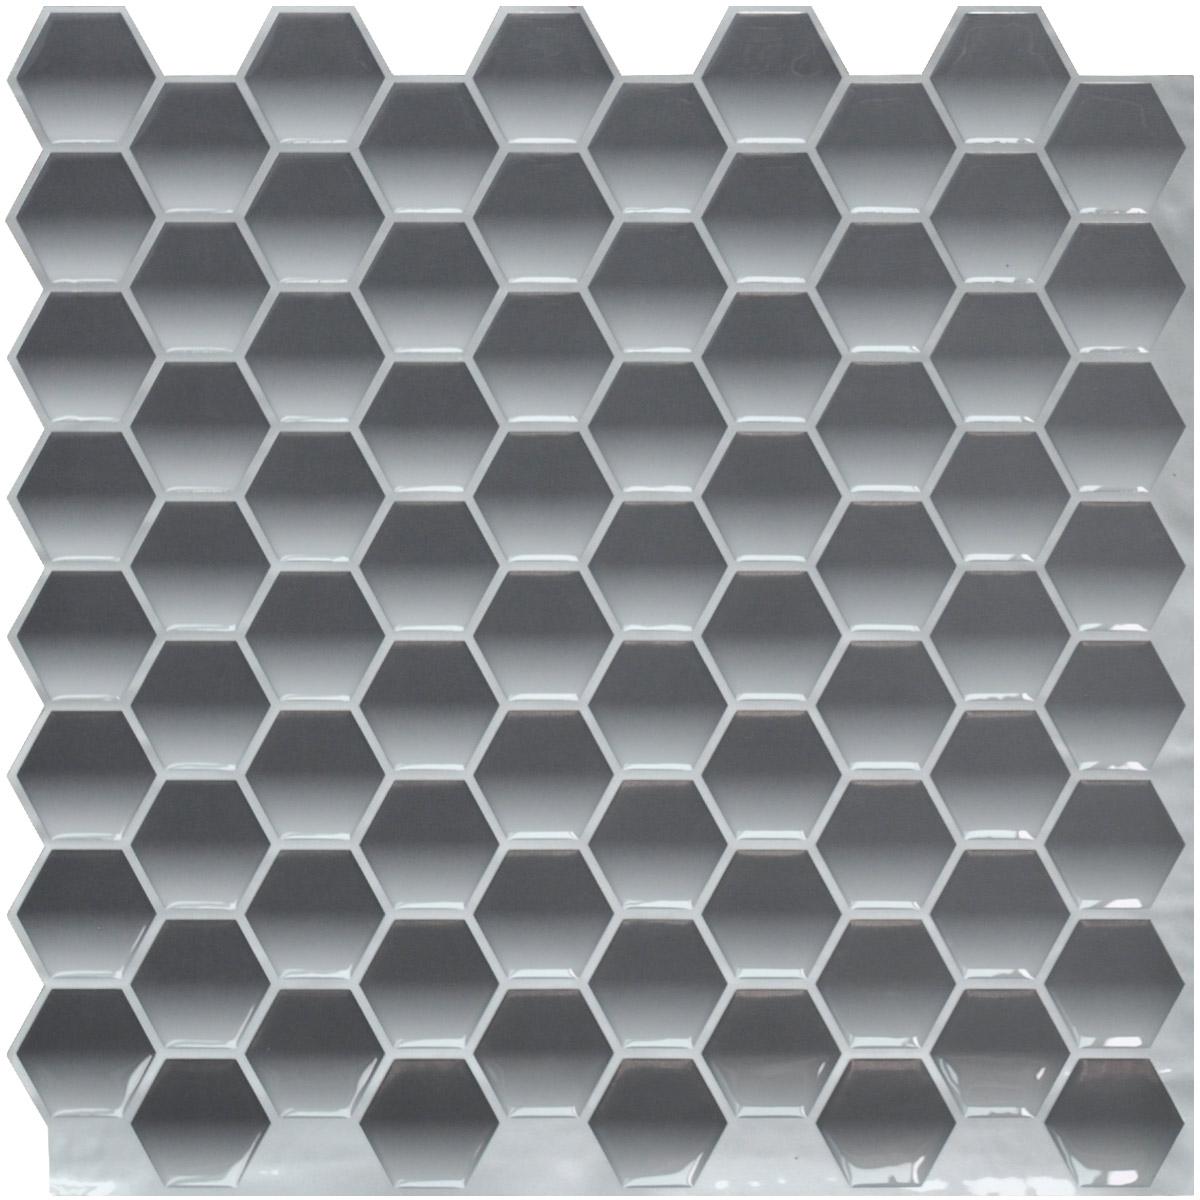 Art3d 12 x 12 Kitchen Backsplash Tiles Sticker Vinyl Peel and